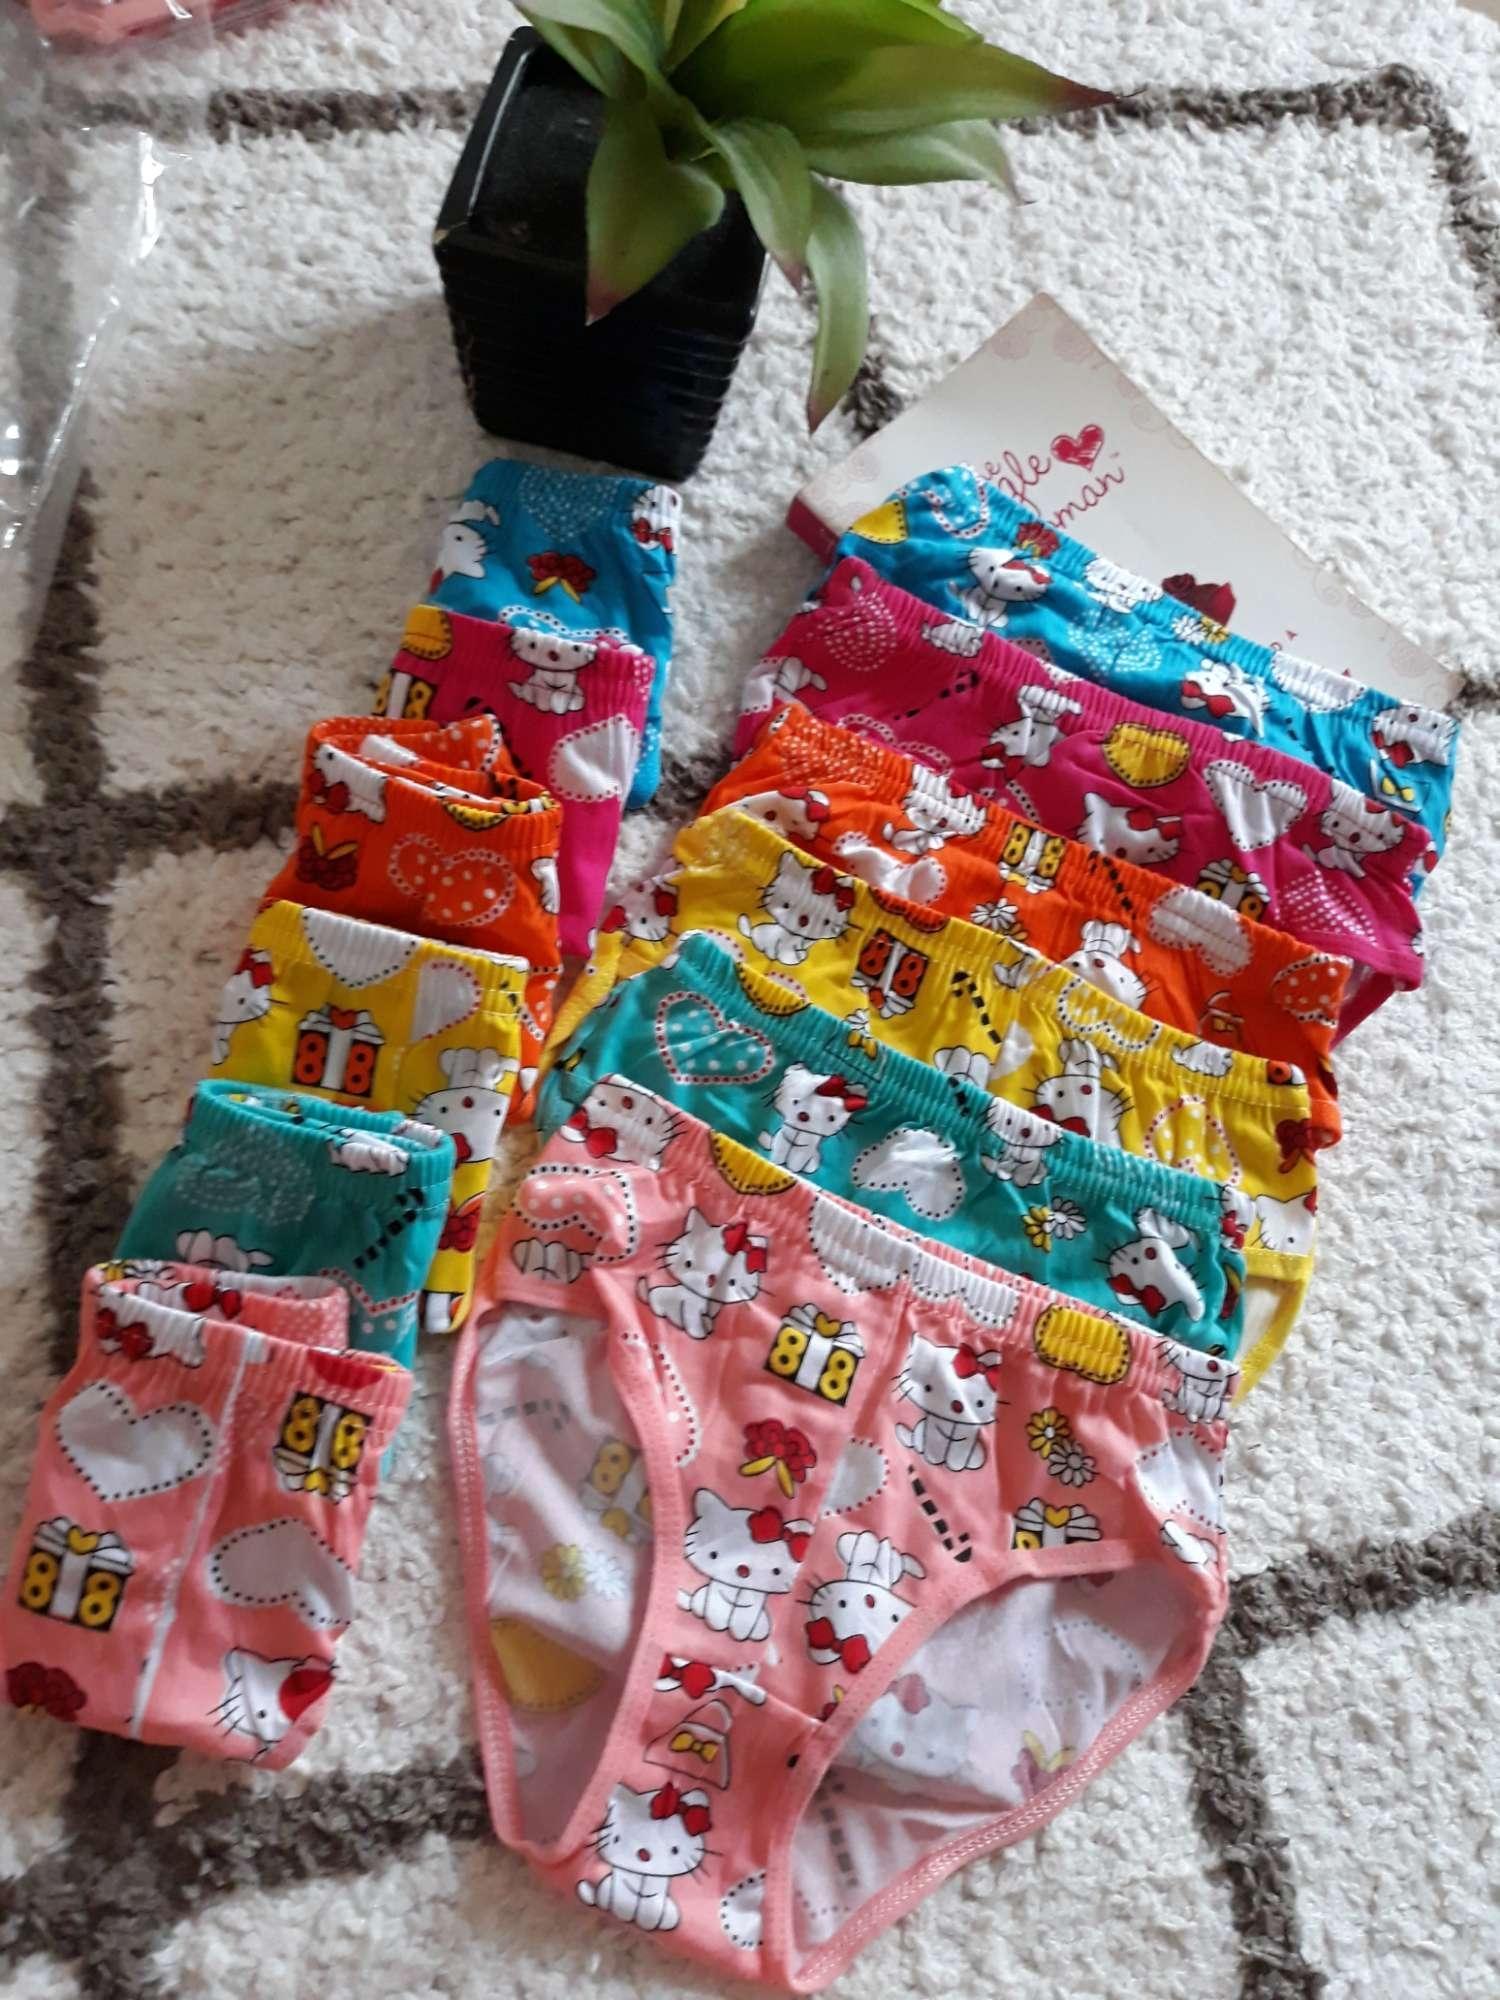 7df1b6dd9658 Girls Sleepwear for sale - Girls Underwear Online Deals & Prices in ...